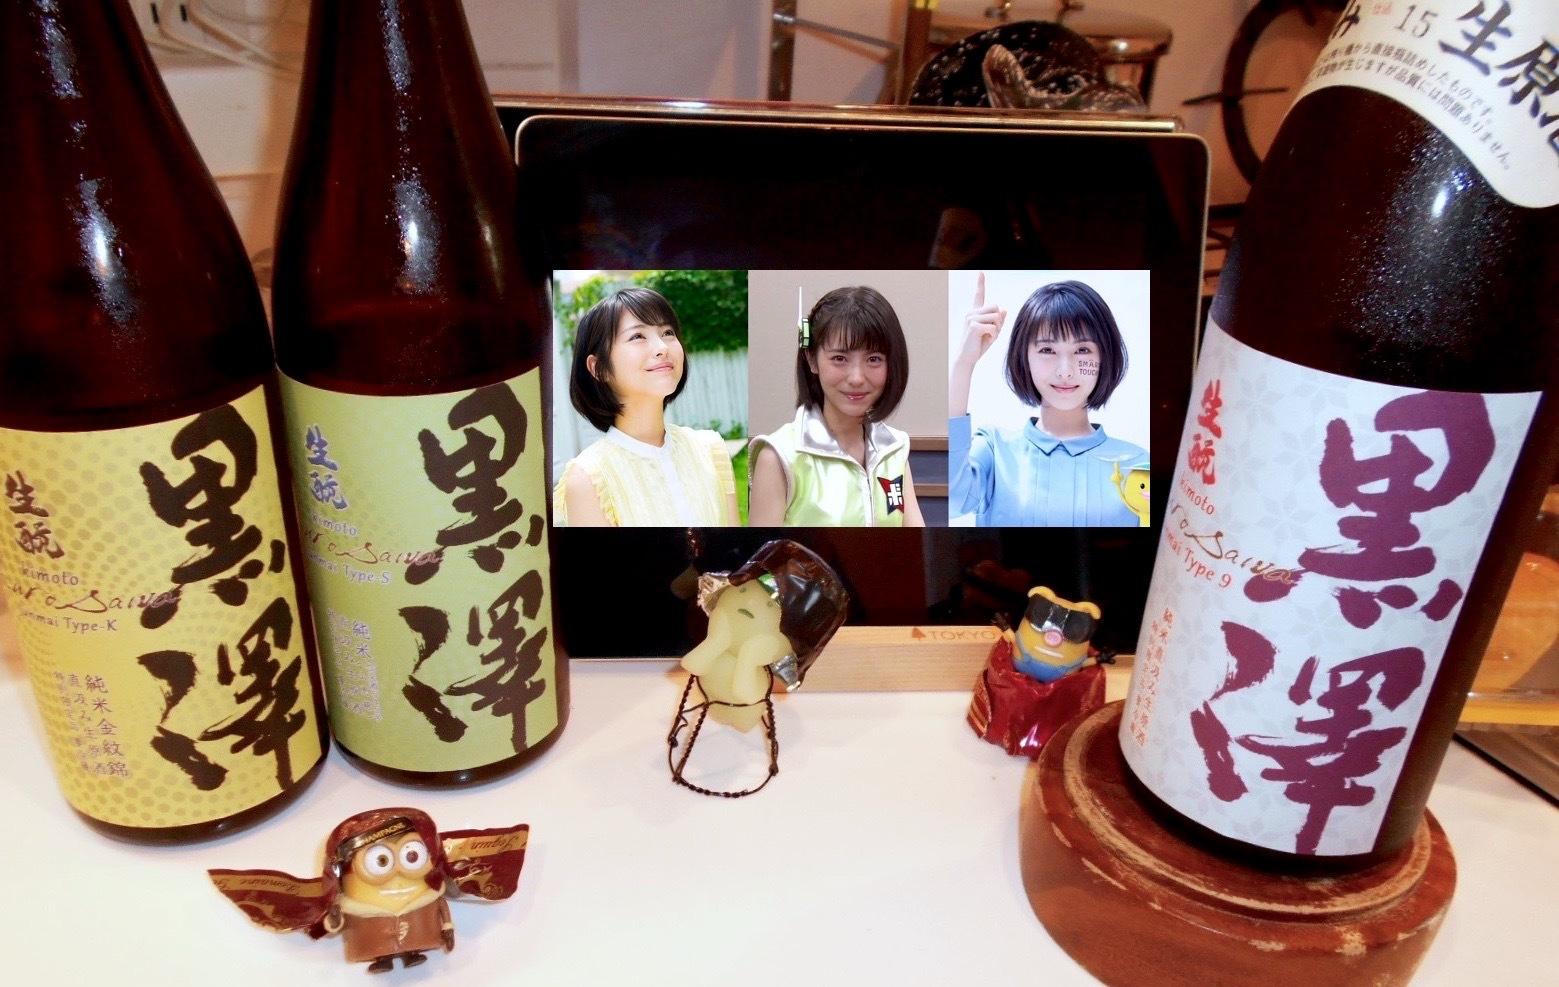 kurosawa_type9_30by2_1.jpg